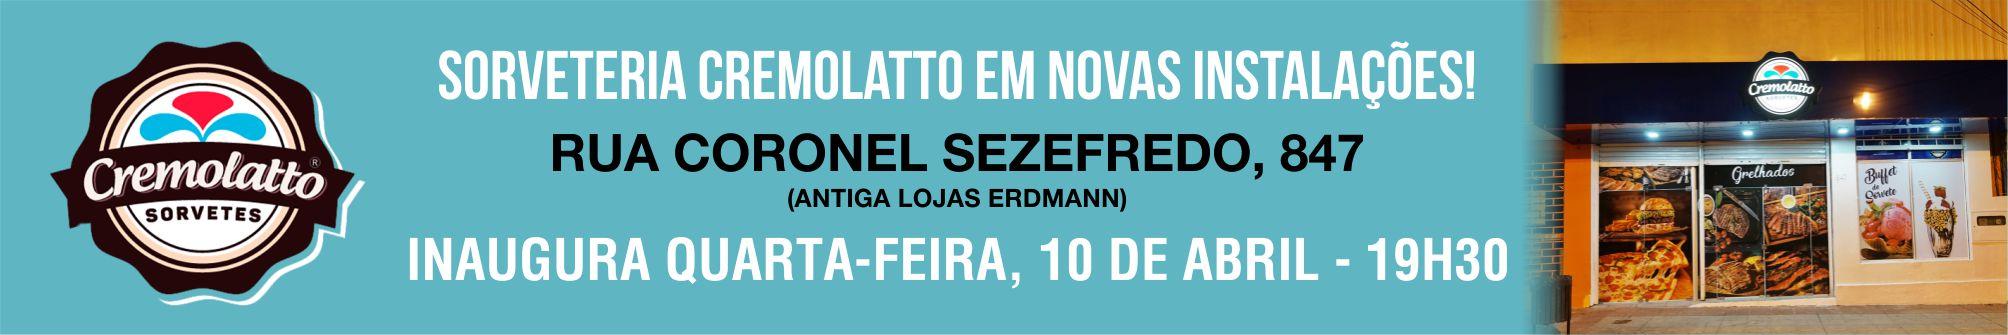 Prestigie a reinauguração da Cremolatto em novo endereço no Calçadão de São Gabriel